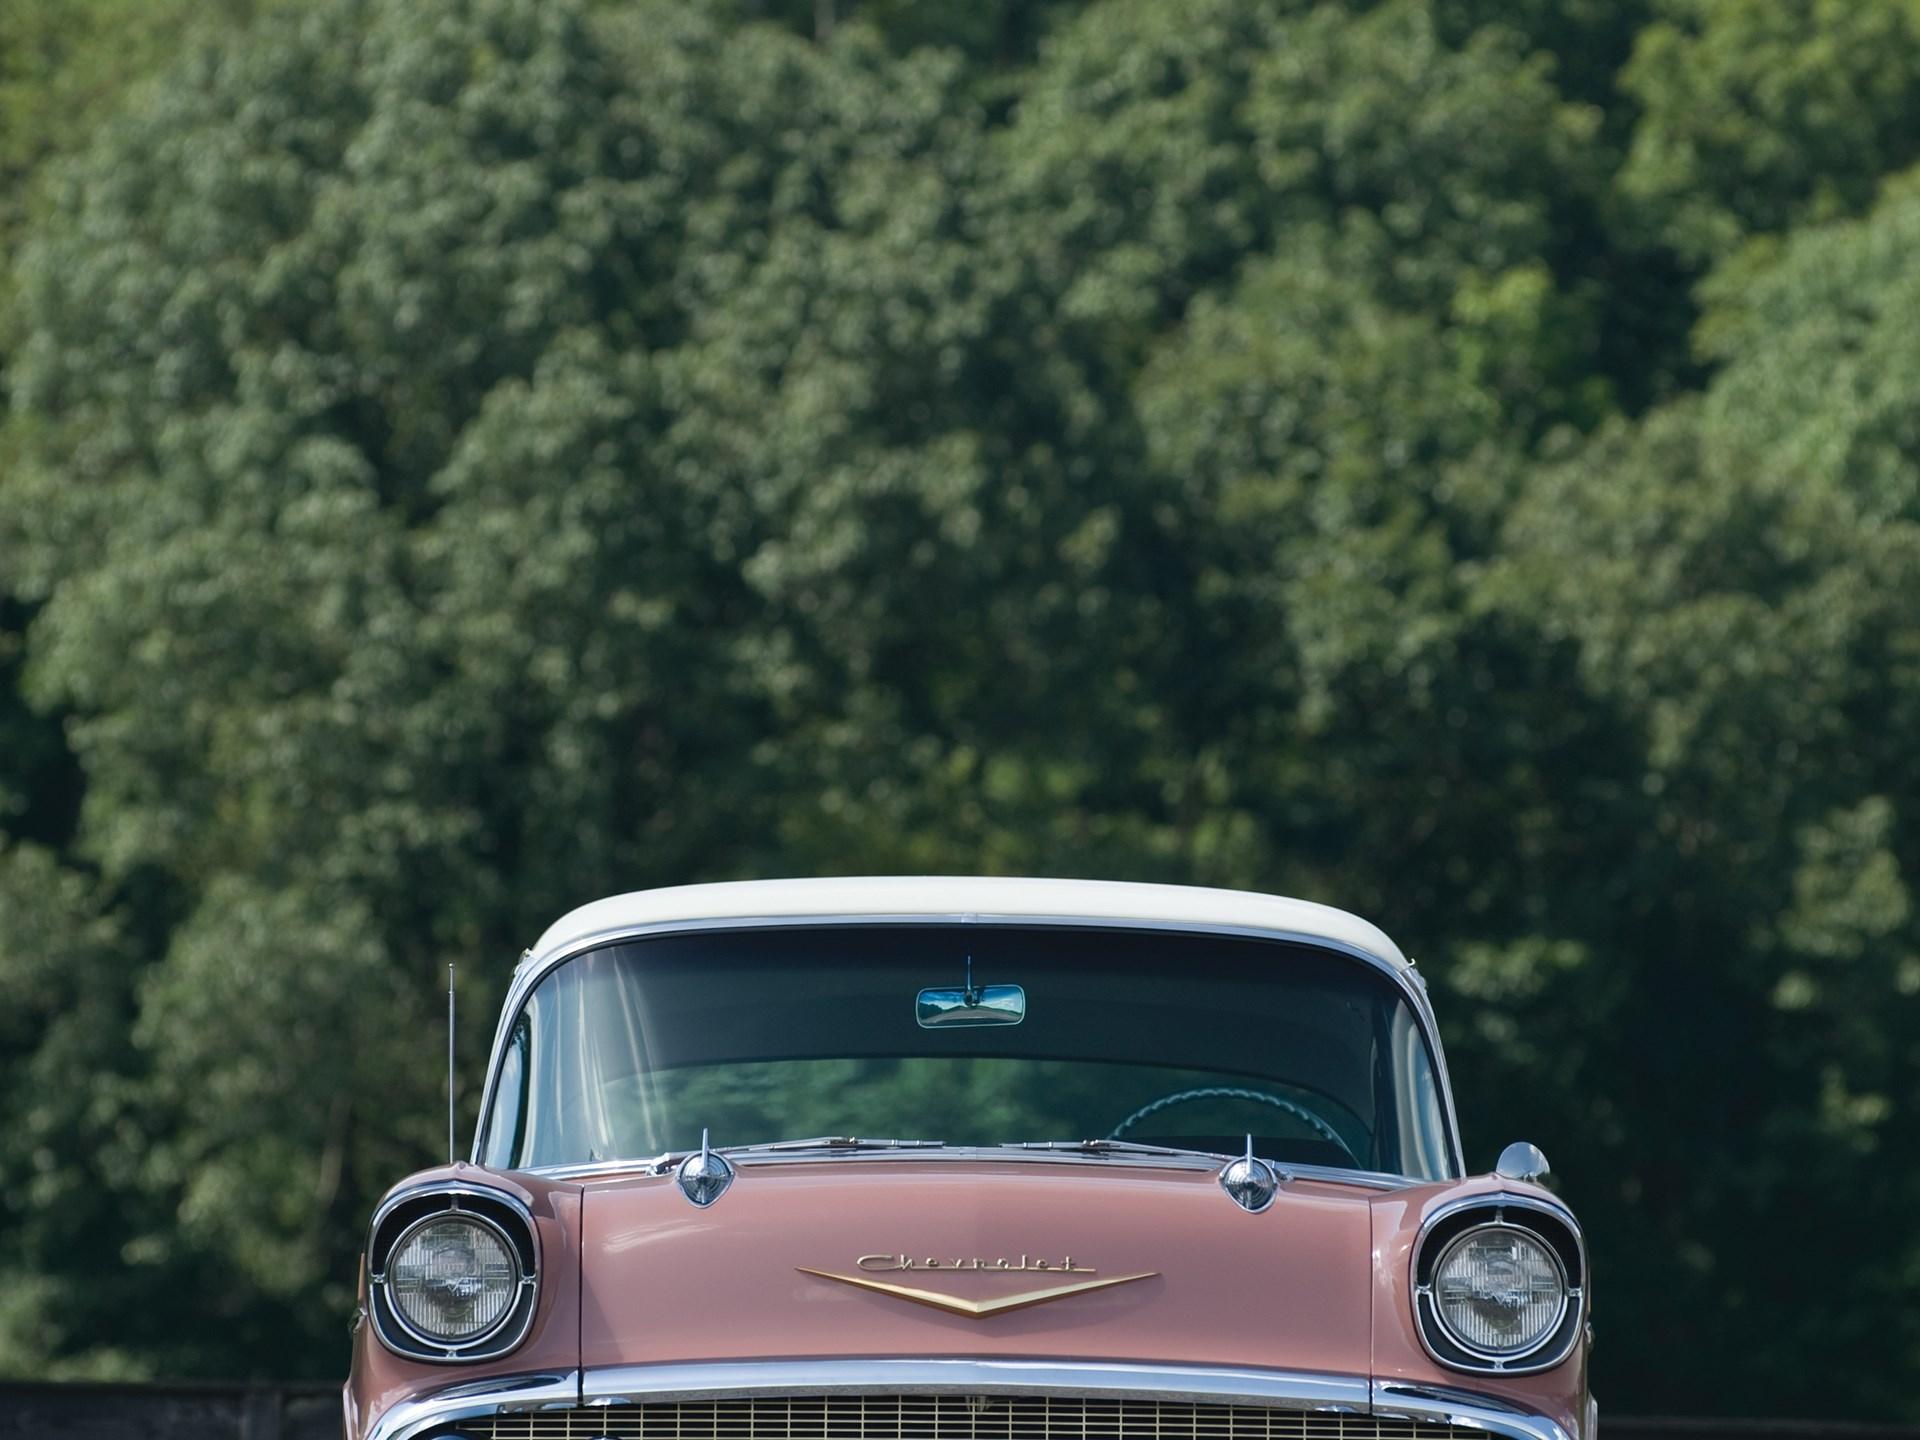 Rm Sothebys 1957 Chevrolet Bel Air Two Door Sedan Fuel Injected